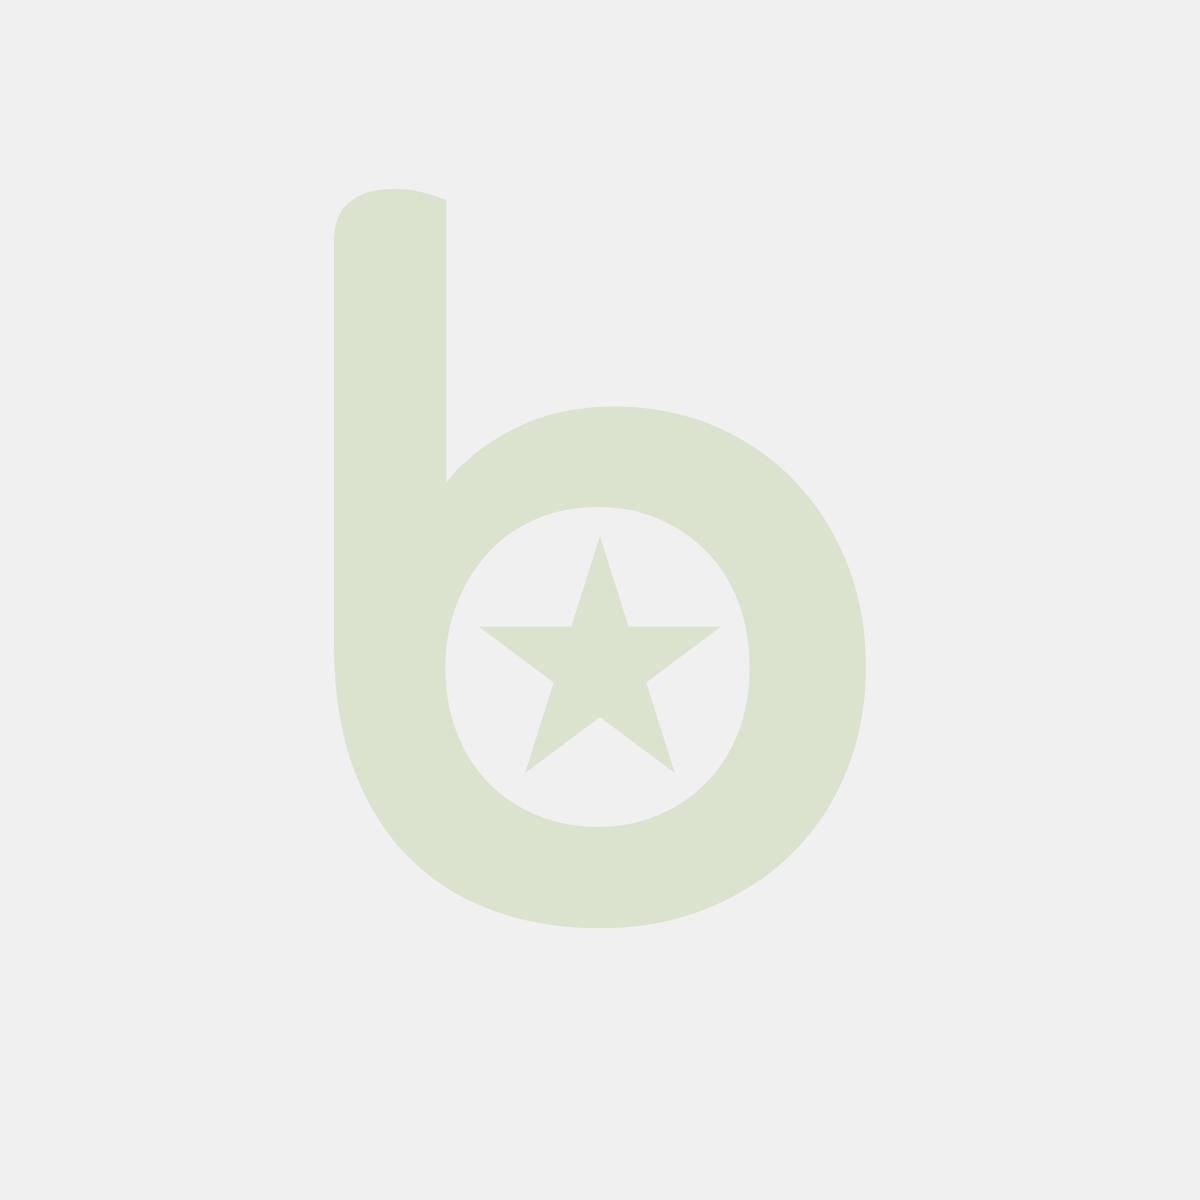 Pojemnik obiadowy do zgrzewu K 227/1, niedzielony, niebiesko-biały 227x178x40, cena za opakowanie 50szt